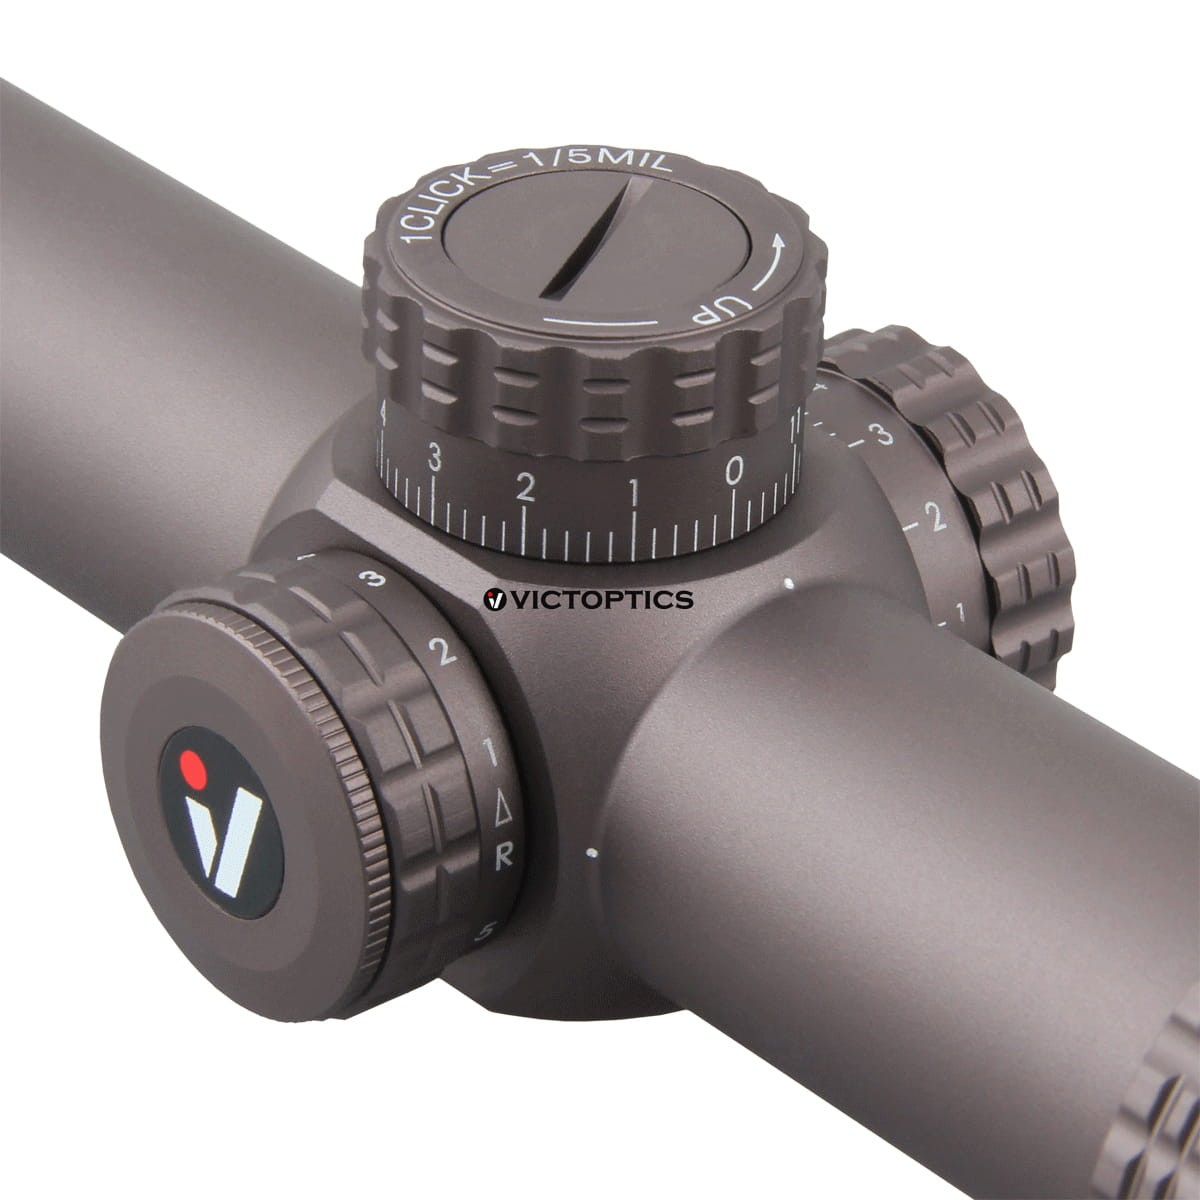 Victoptica – lunette de visée S6 1-6x24 SFP, avec soulagement des yeux et éclairage, réglage 1/5 MIL, compacte, pour AR 15 .223 5.56 5